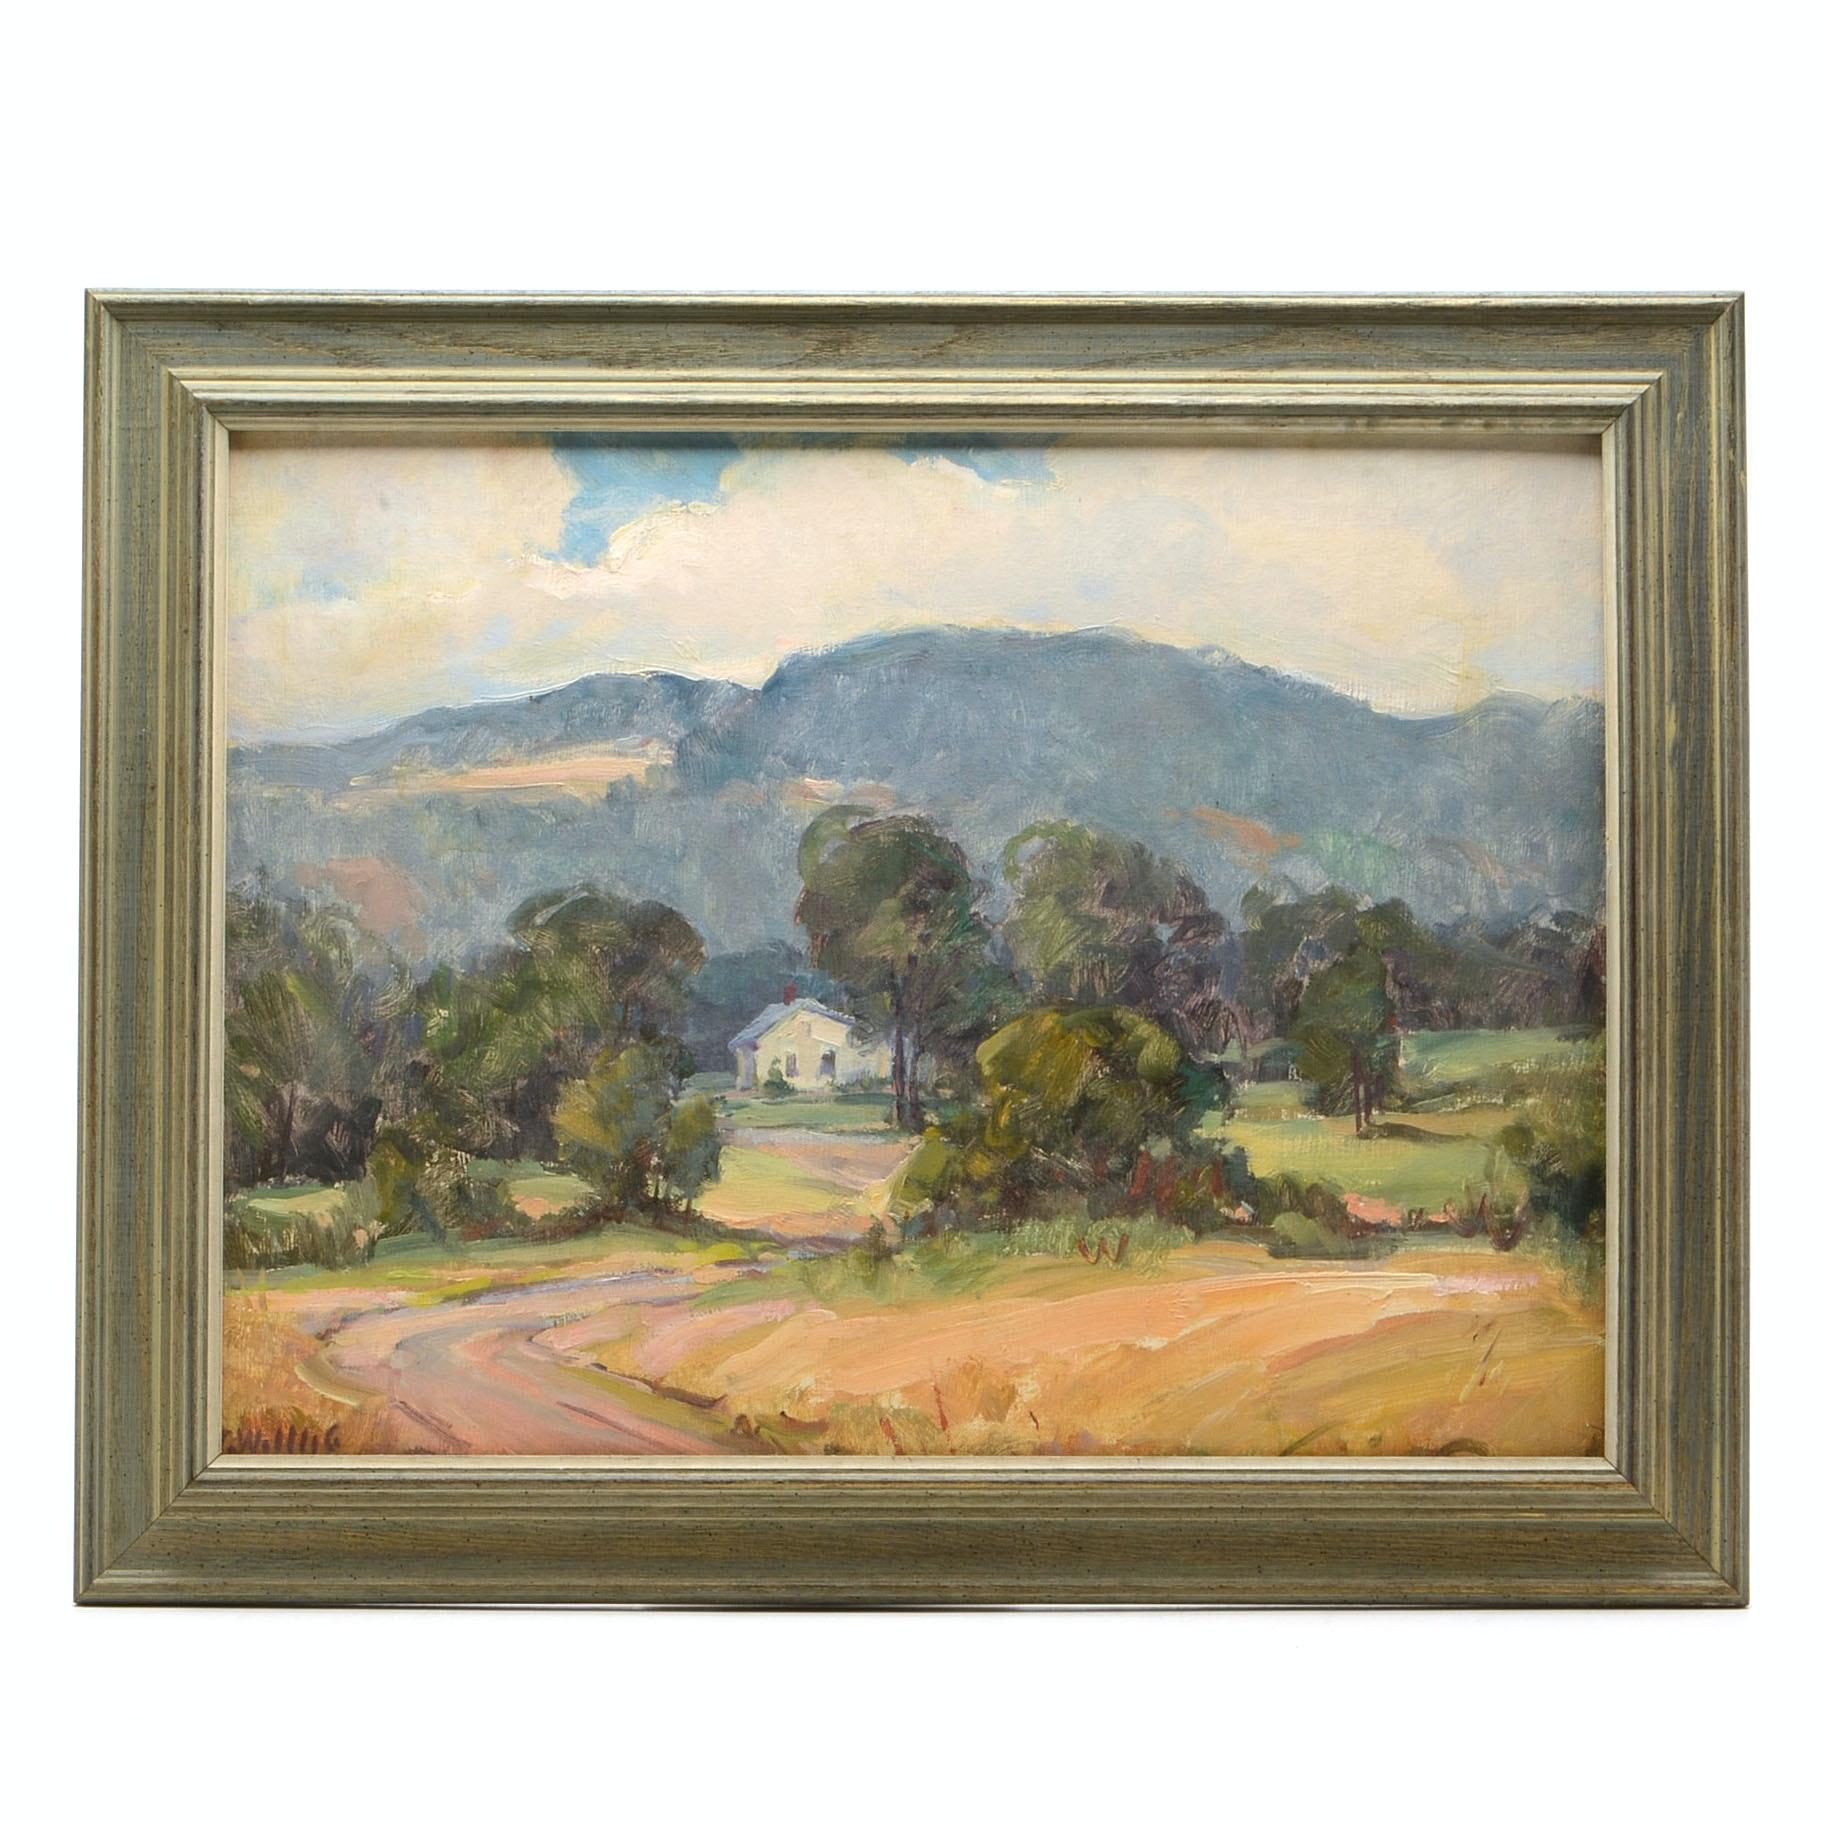 G. Willig Original Vintage Oil Painting on Panel